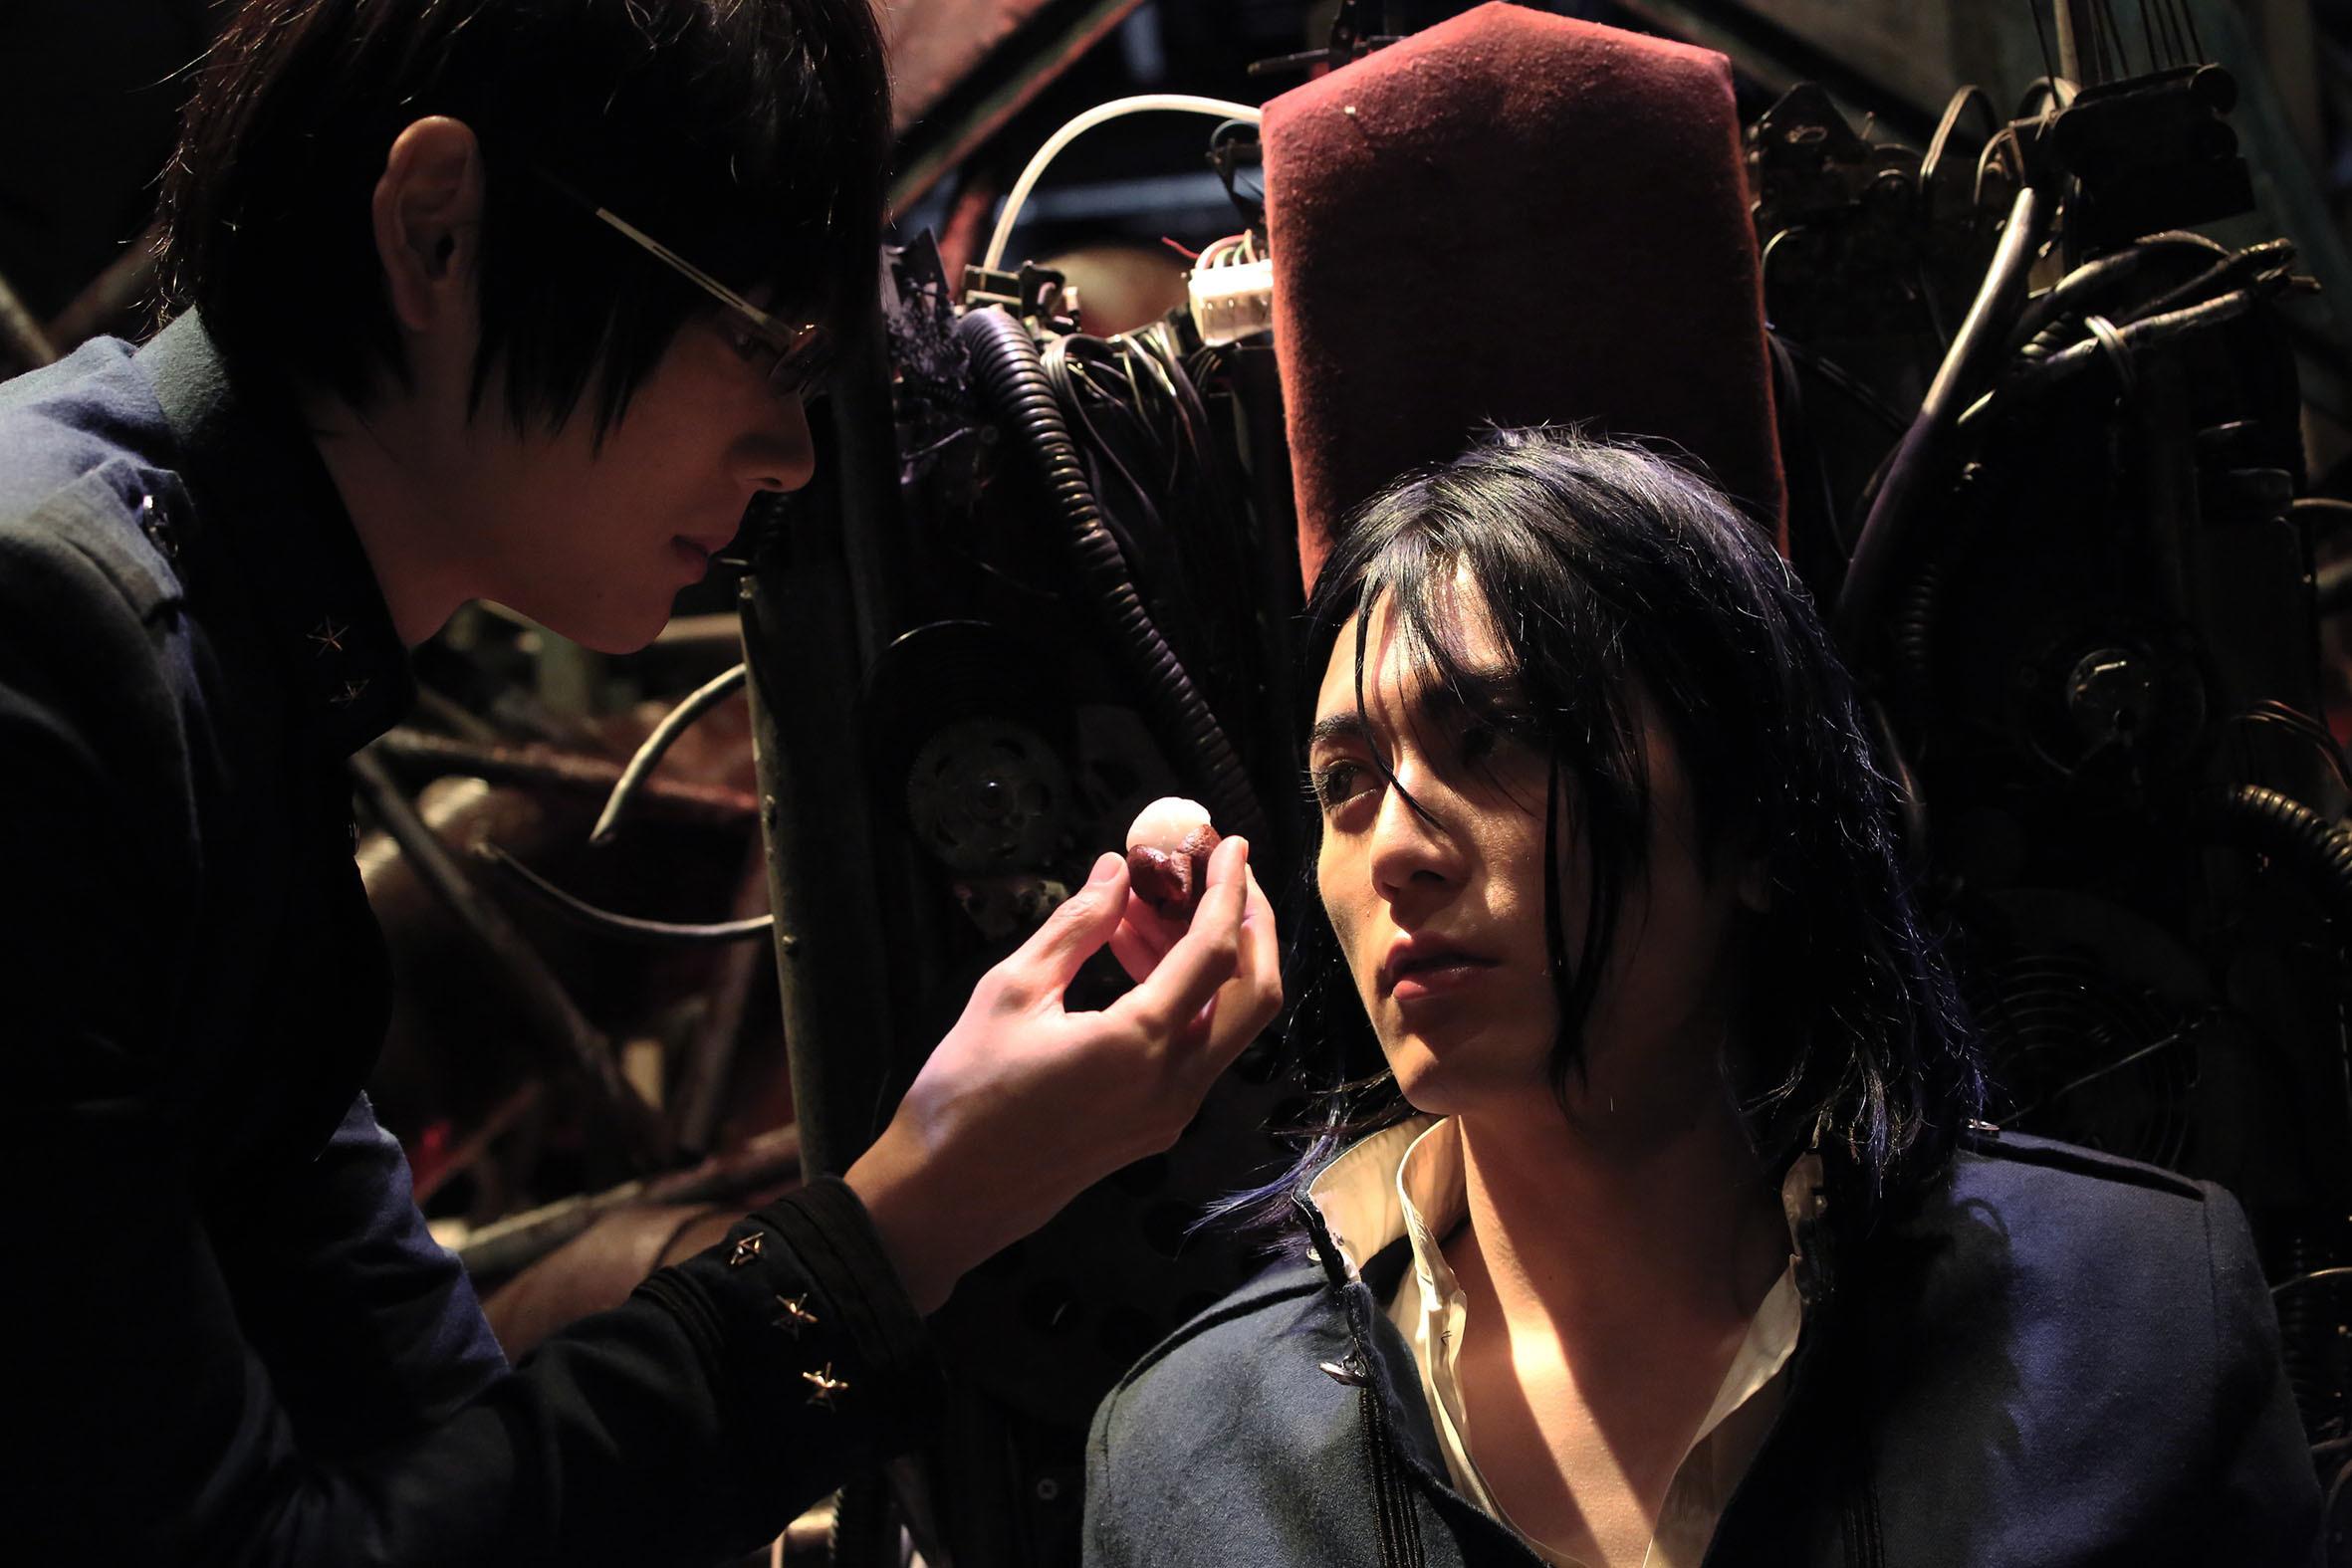 劇中で妖艶にからむ古川雄輝(左)と間宮祥太朗(右)『ライチ☆光クラブ』